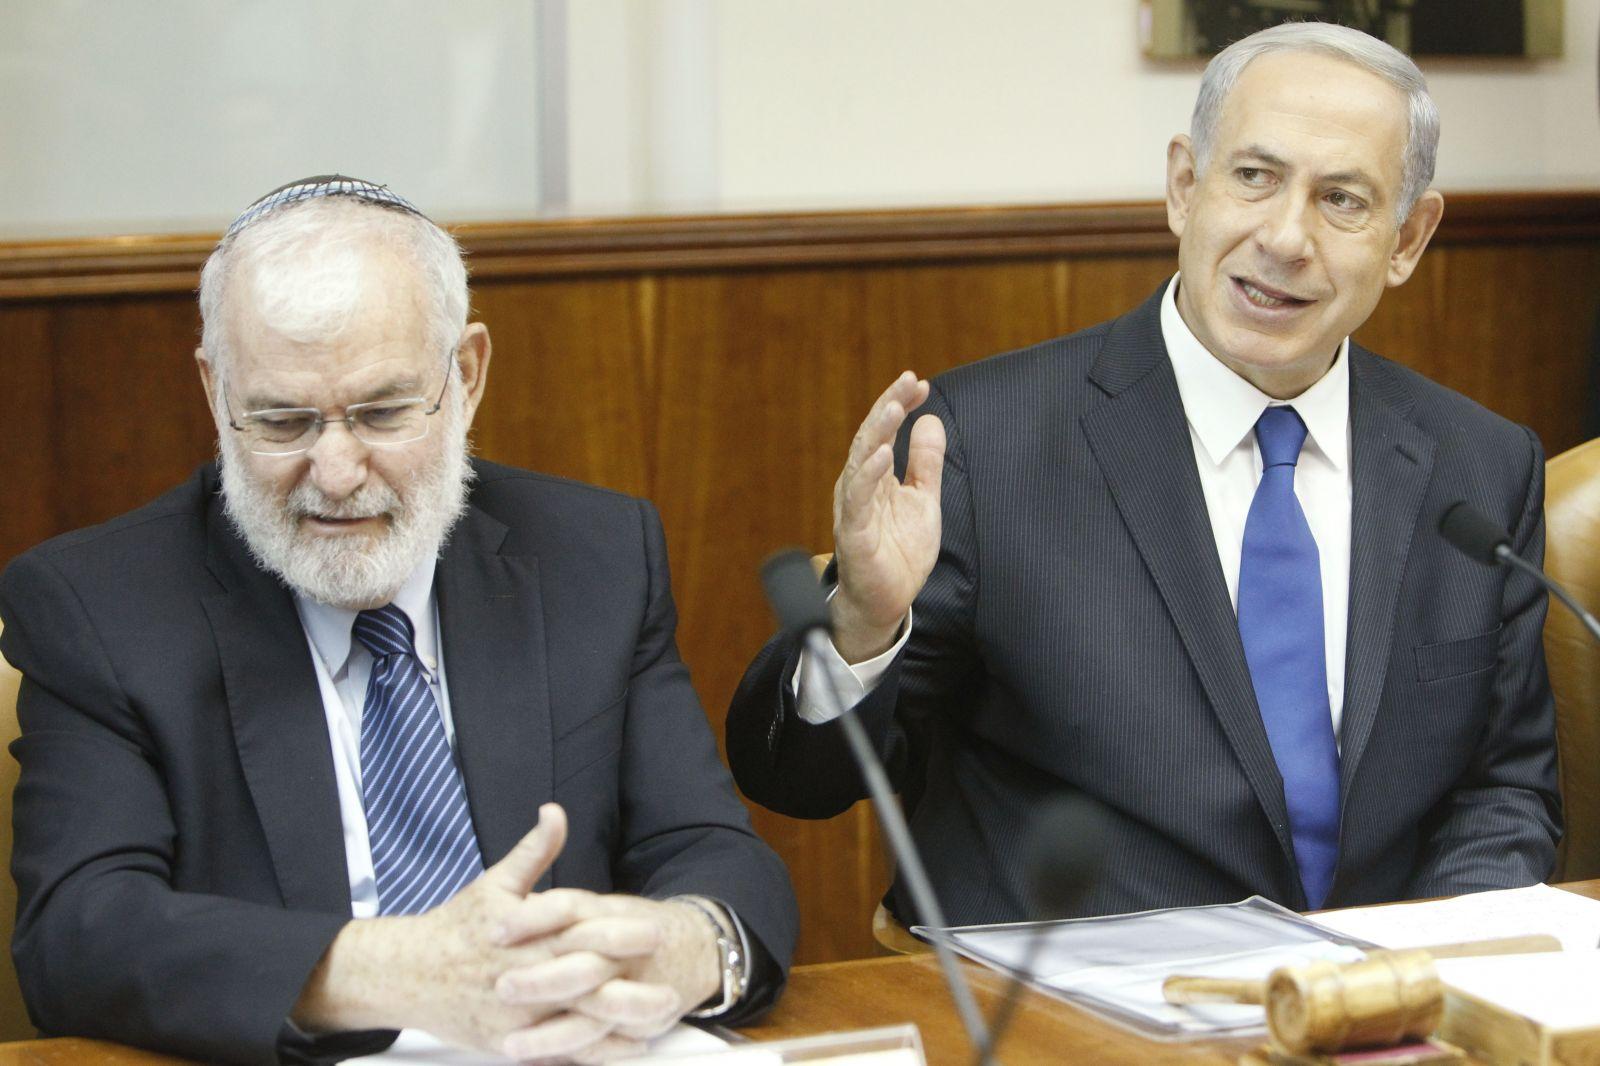 نتنياهو: إسرائيل باتت حالياً إحدى القوى الخمس الرائدة عالمياً في مجال السايبر